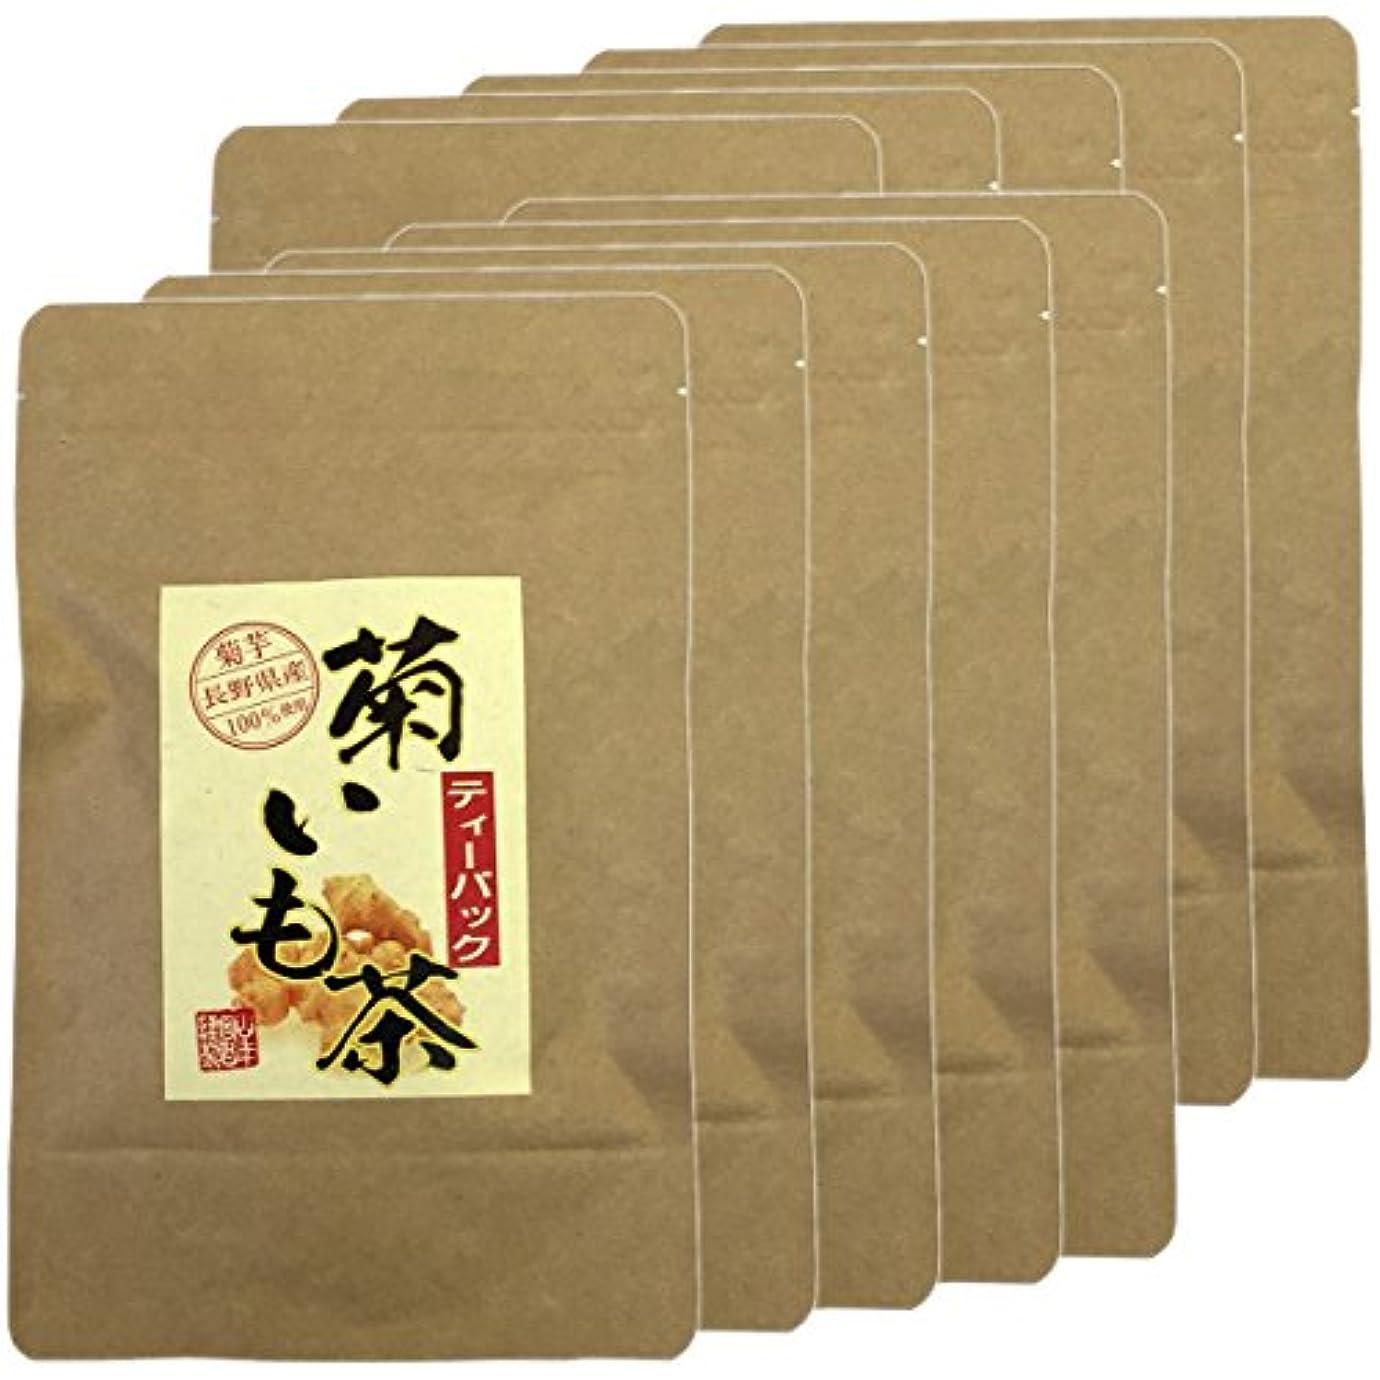 換気する危機切手【国産100%】菊芋茶 ティーパック 無農薬 2.5g×15パック×10袋